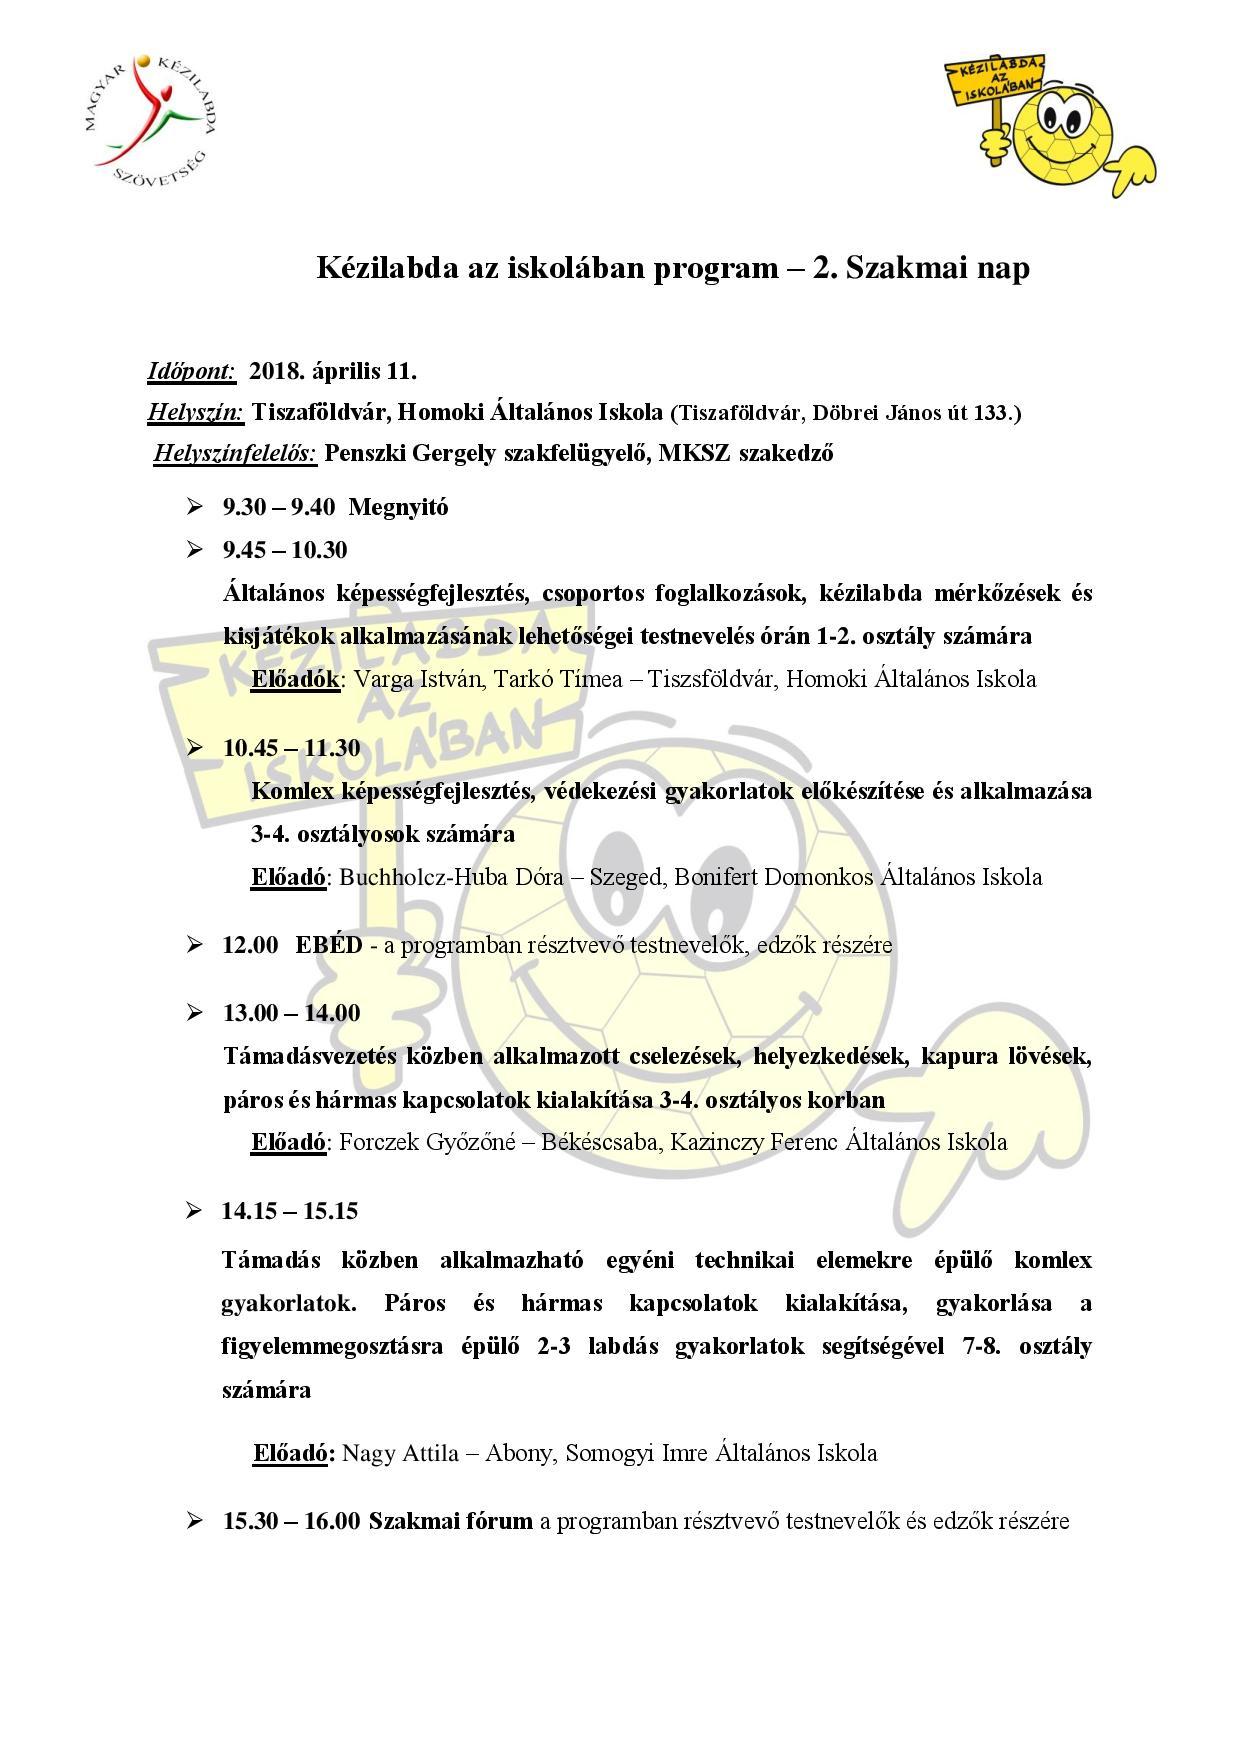 2. Szakmai Nap Tiszaföldvár-page-001